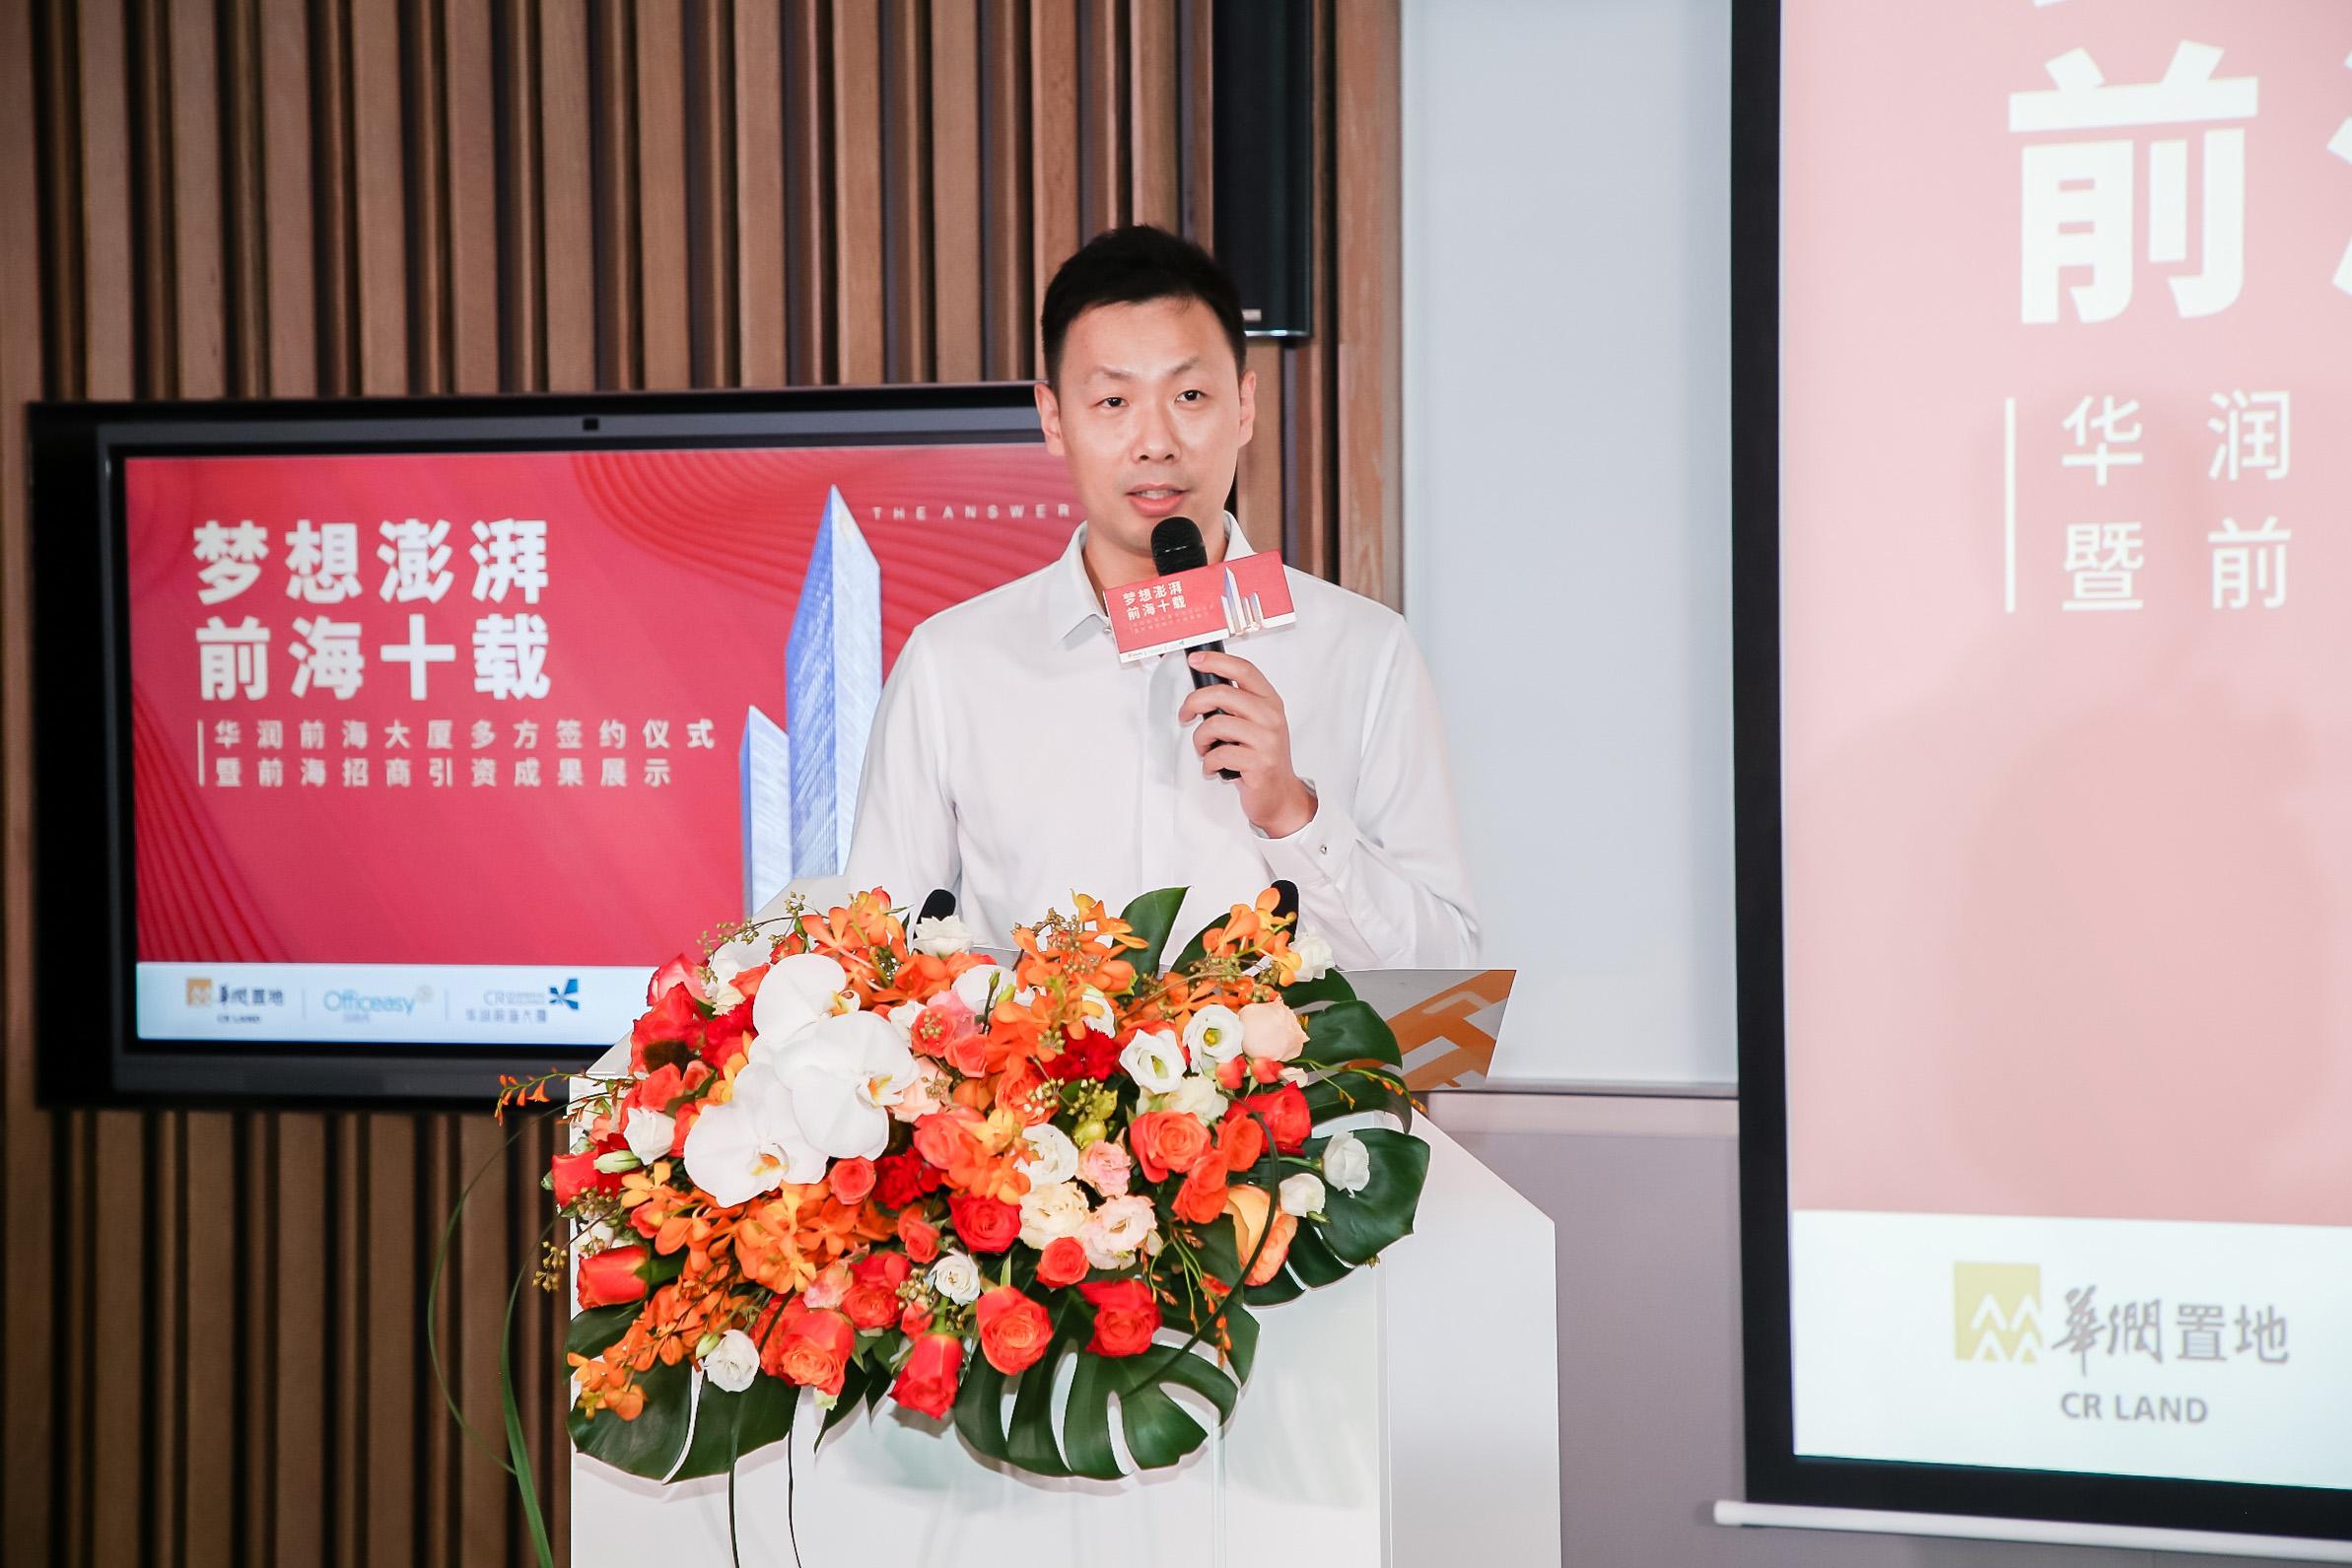 华润置地华南大区助理总经理、深圳公司总经理  王昕轶先生